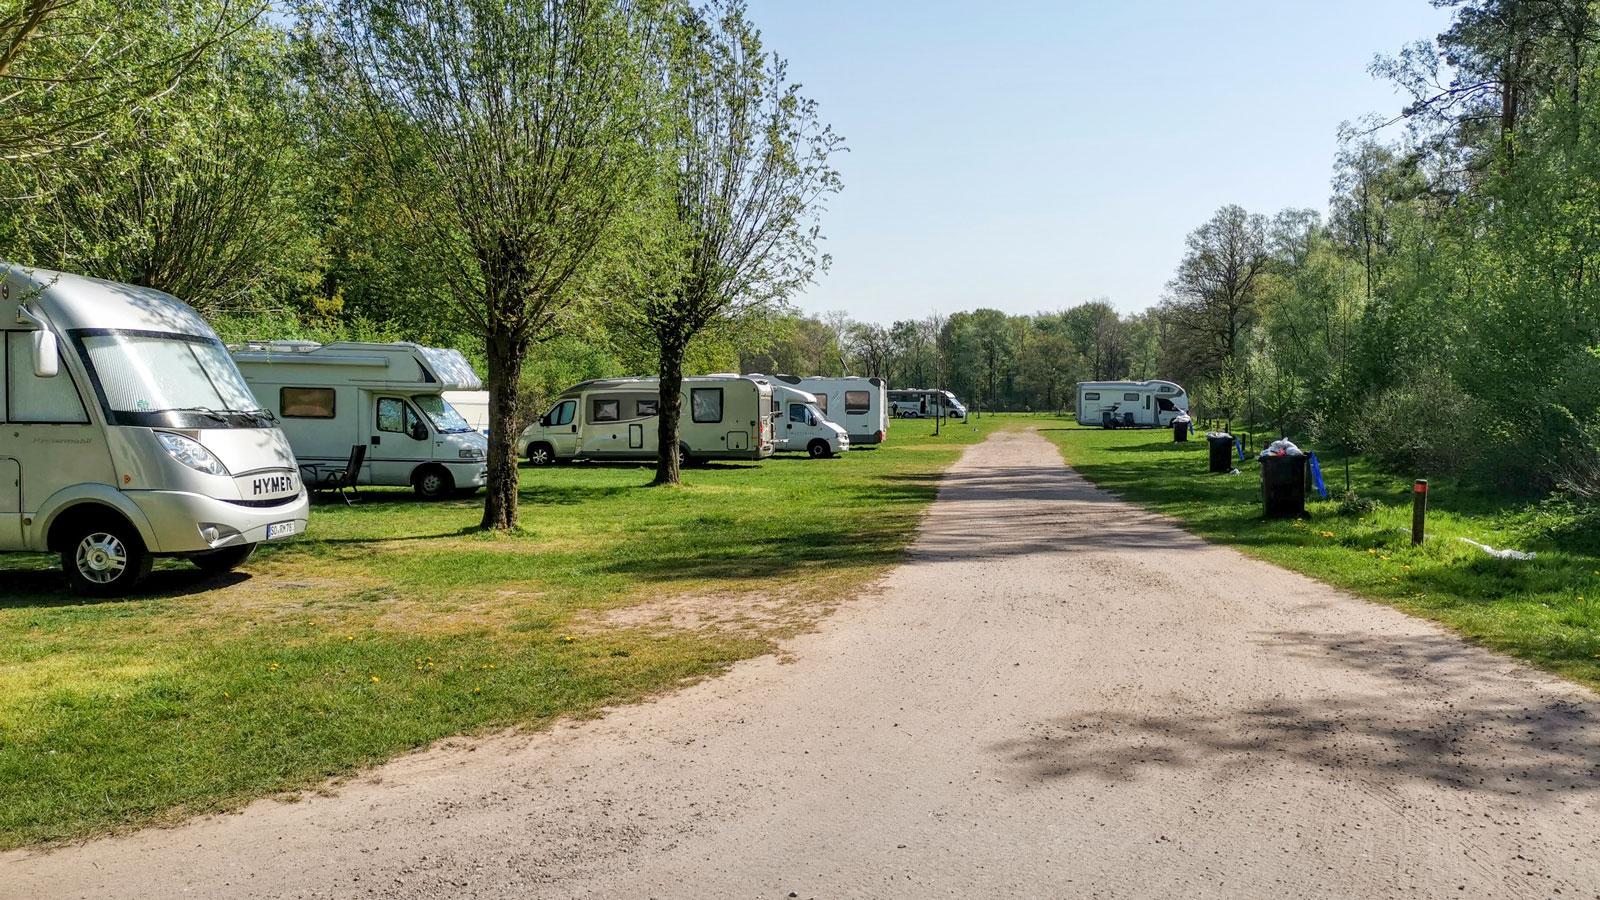 Ställplatsen vid Dreiländersee är av det enklare slaget. Vill du bo lyxigare rekommenderas Overdinkel på holländska sidan om gränsen.